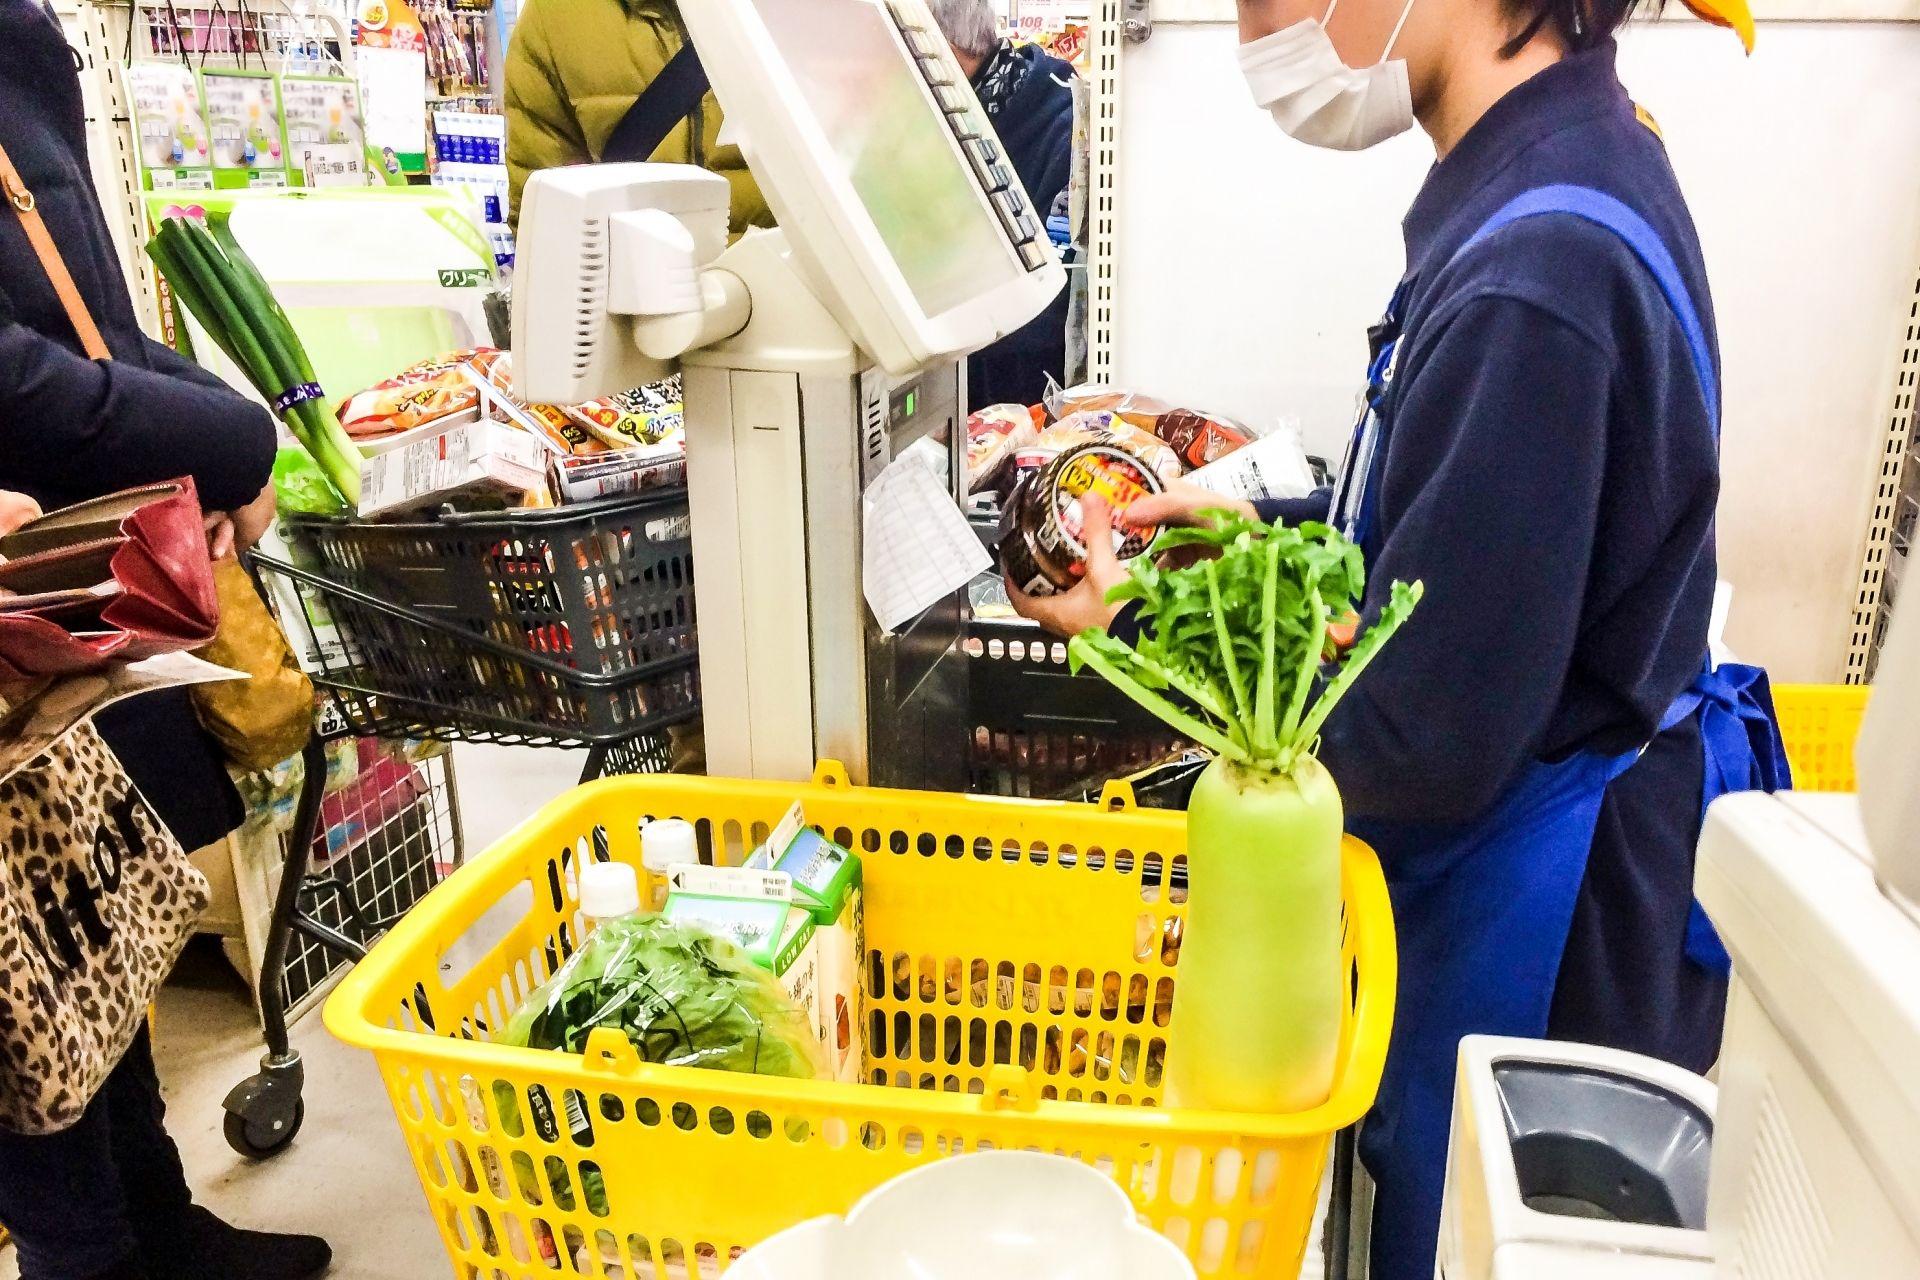 「コスト削減」のはずが…レジ袋有料化とセルフレジで万引増に?